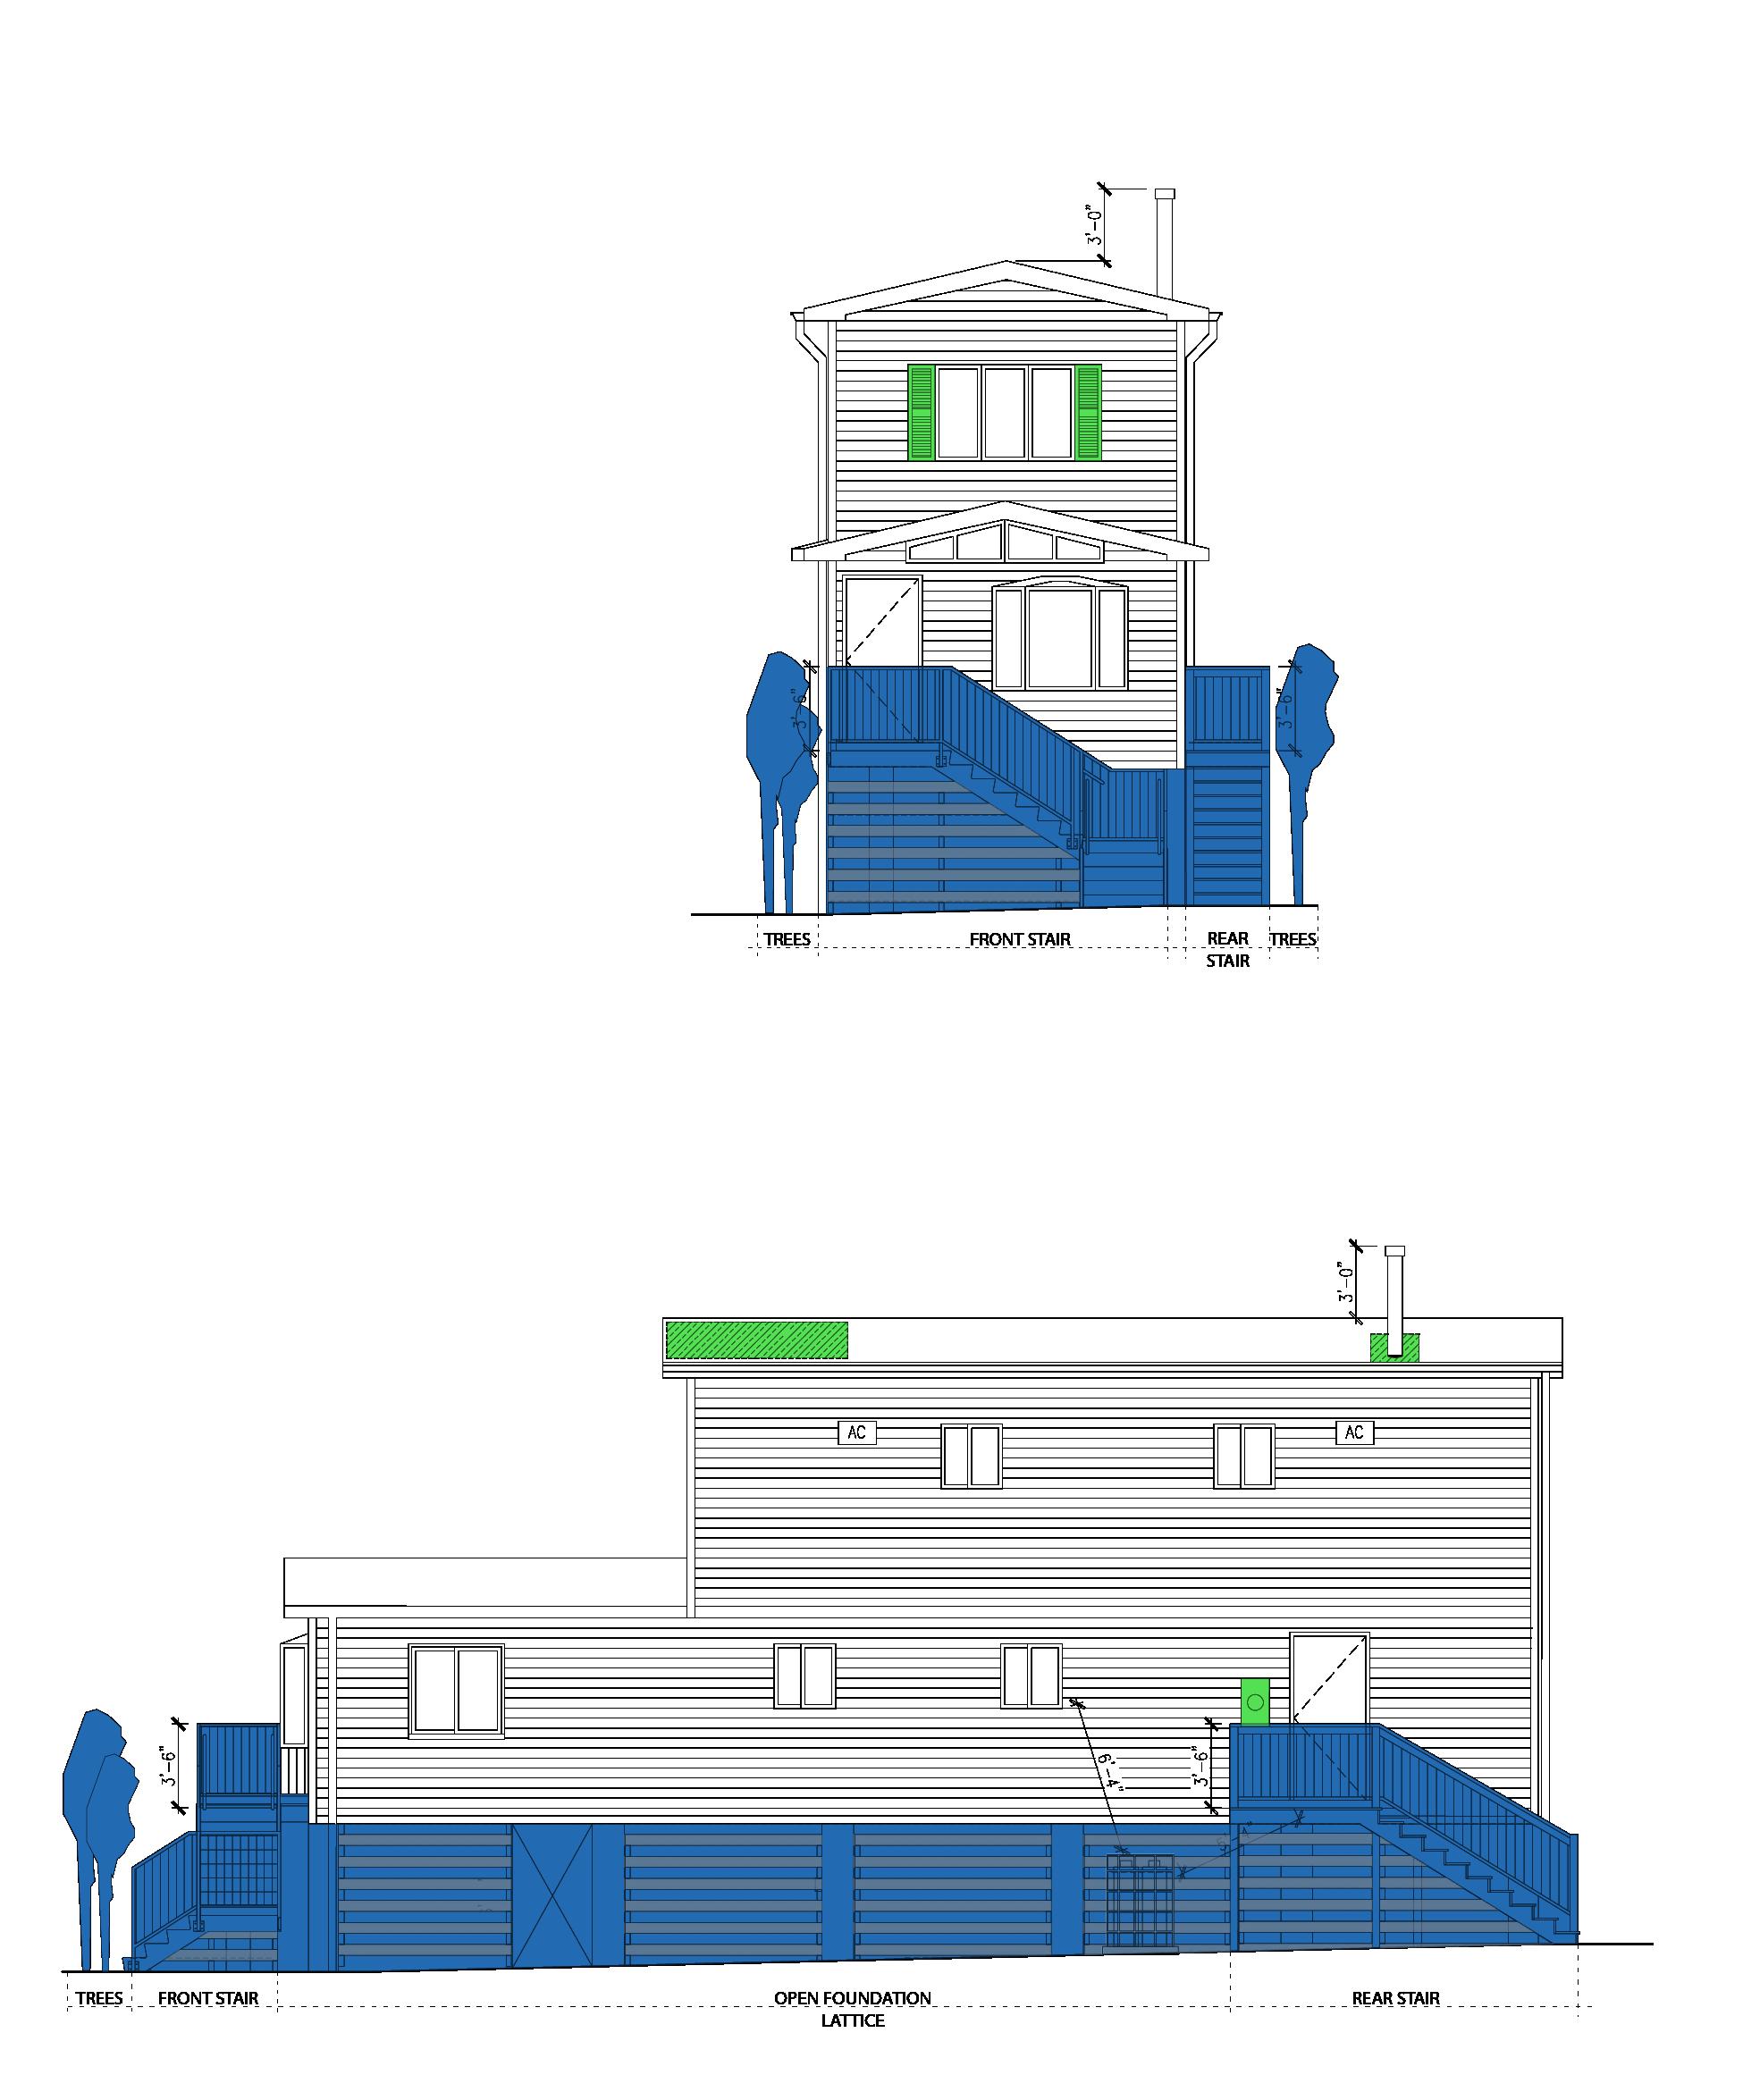 BIB - Elevations - 4 types_v-02